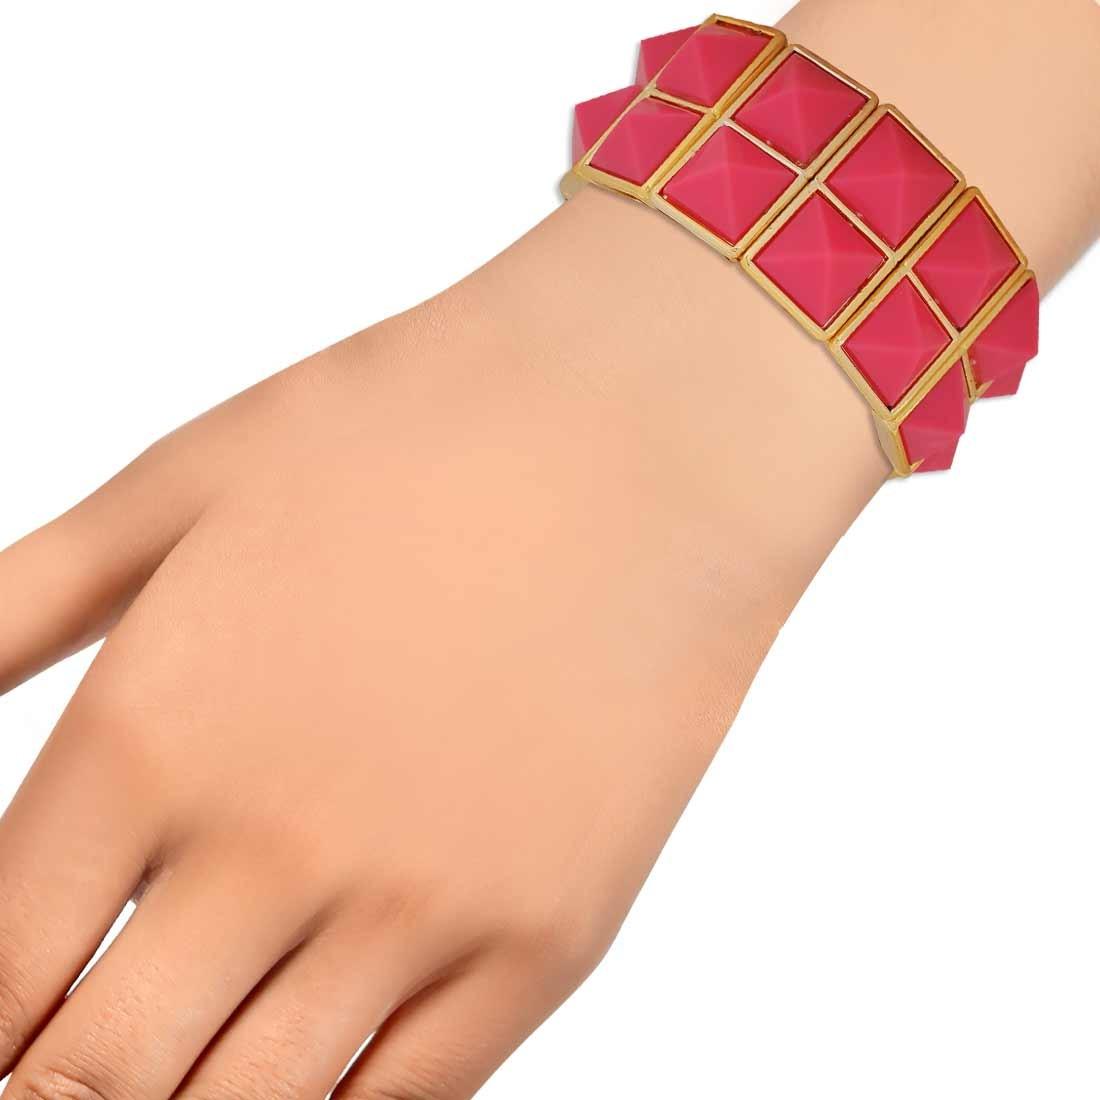 Cool Pink Gold Designer Adjustable Get-together Bracelet Alloy Maayra MY6900